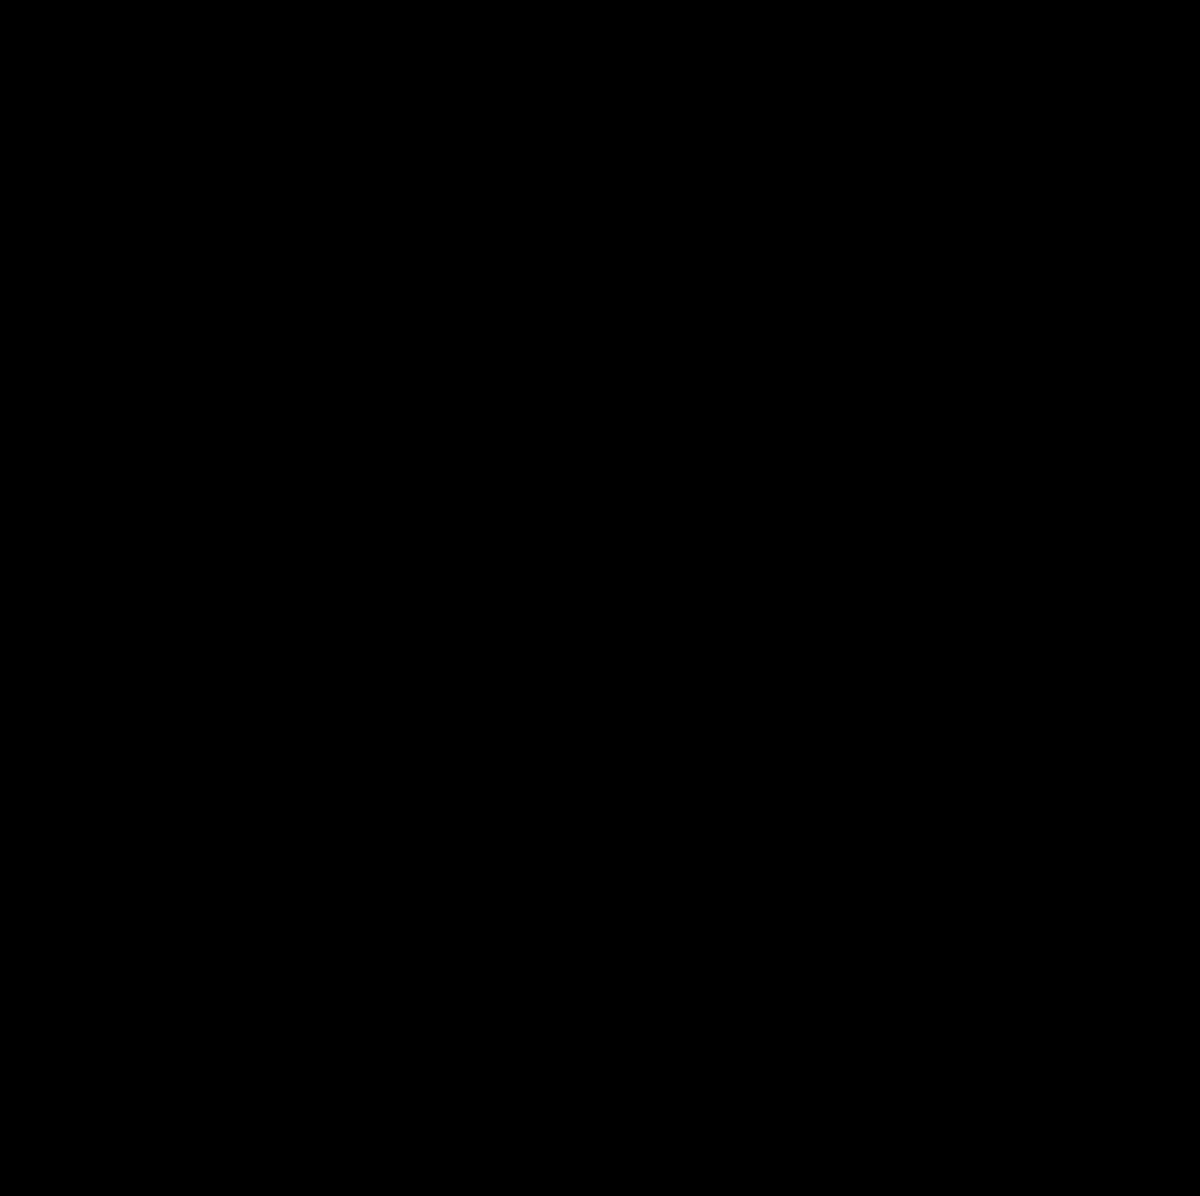 LED Lamp Fietsverlichting Met Laser / Extra Veilig Fietsen / Achterlamp met Laser Verlichting voor op de Fiets – Rood